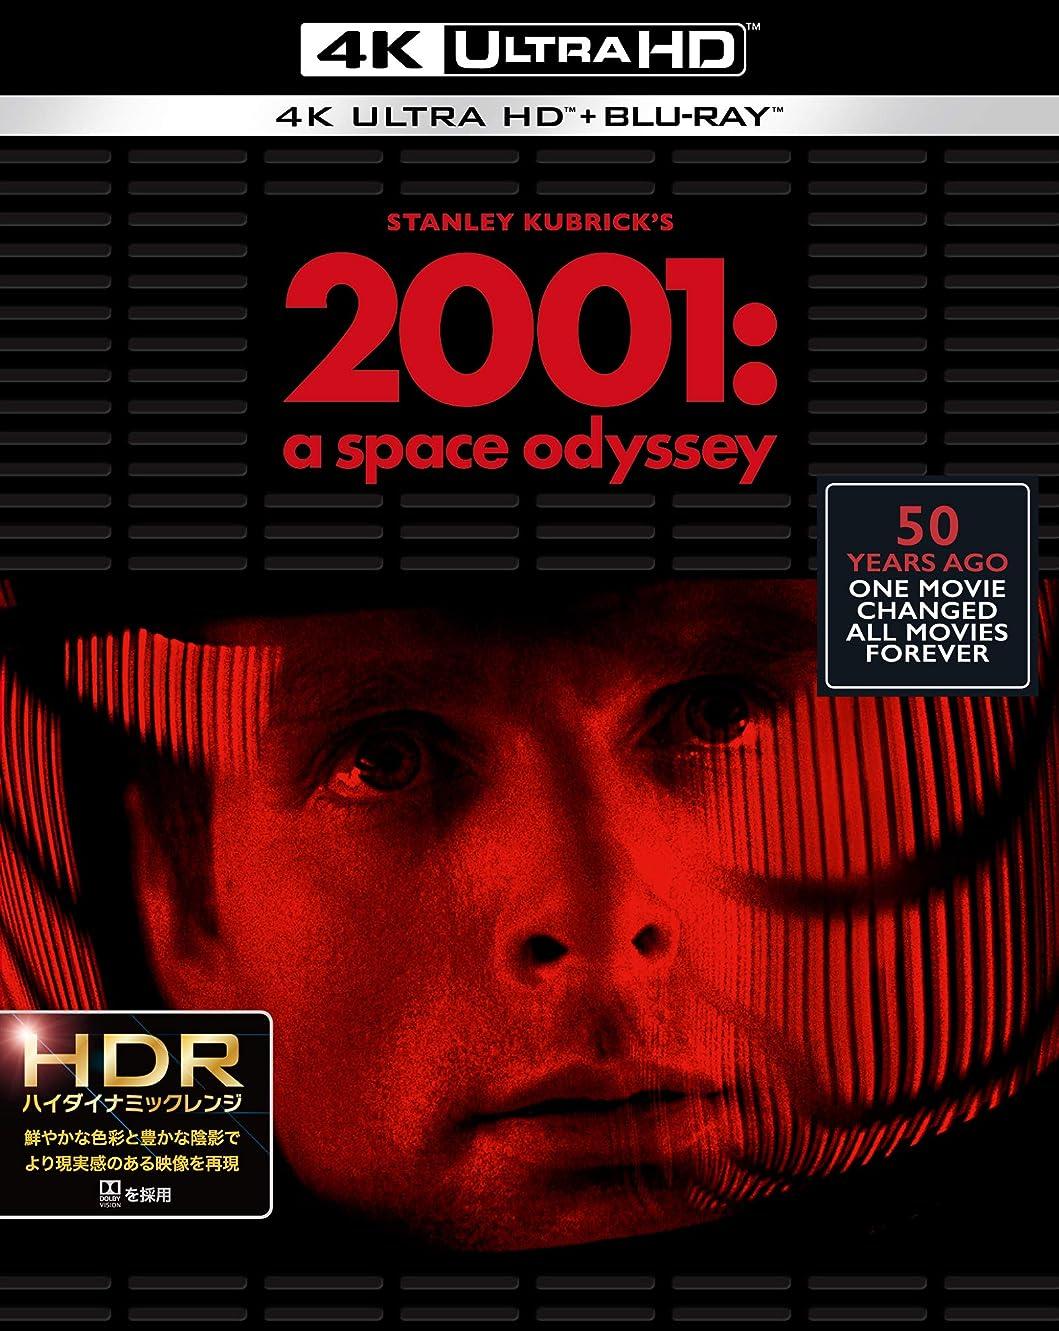 この原点データム2001年宇宙の旅 日本語吹替音声追加収録版 4K ULTRA HD&HDデジタル?リマスター ブルーレイ (3枚組) [Blu-ray]